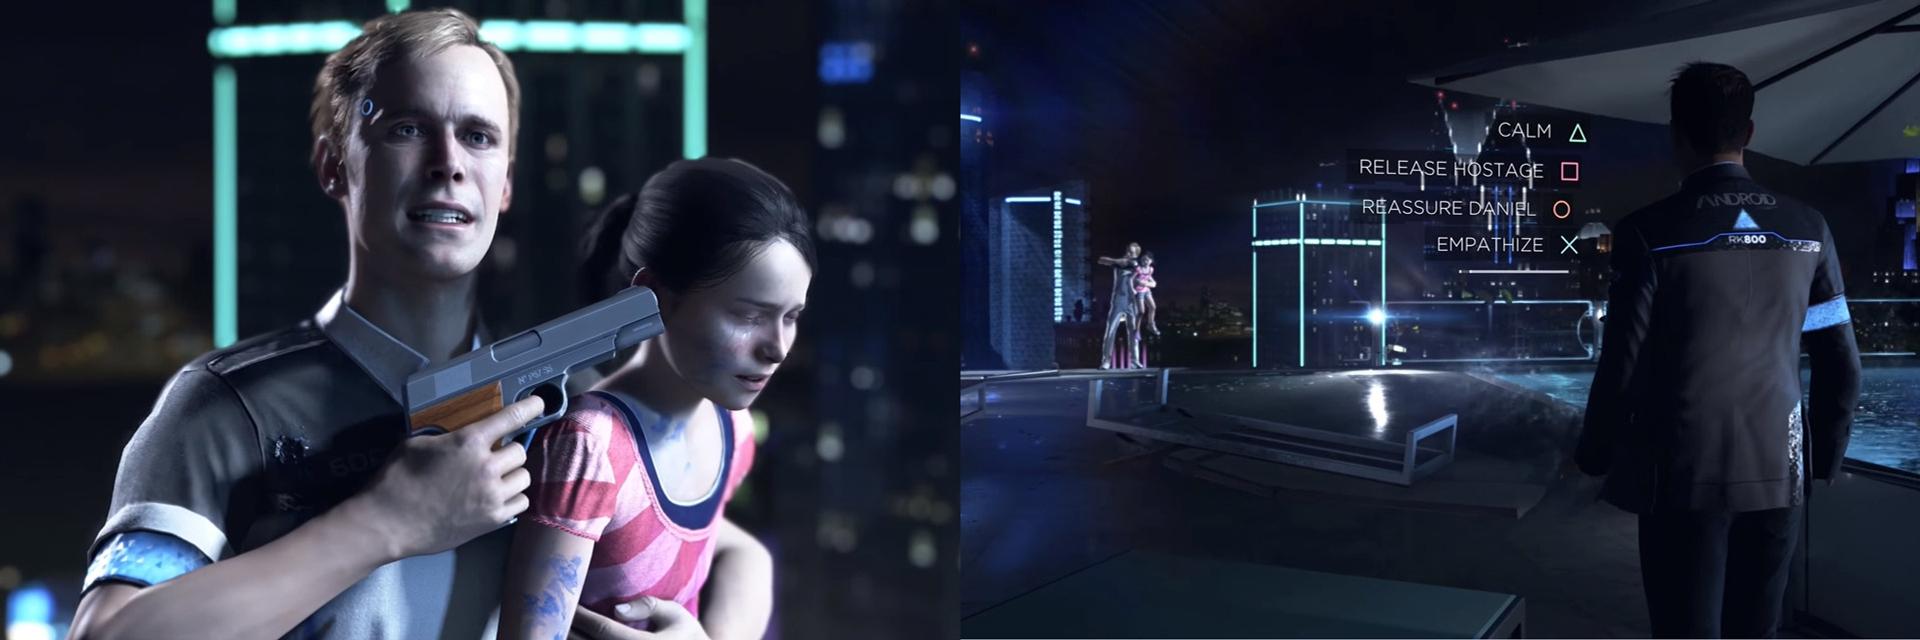 【講 GAME 話】是遊戲也是未來?《底特律:變人》堪稱電影級 玩家扮演「仿生人」決定故事走向!